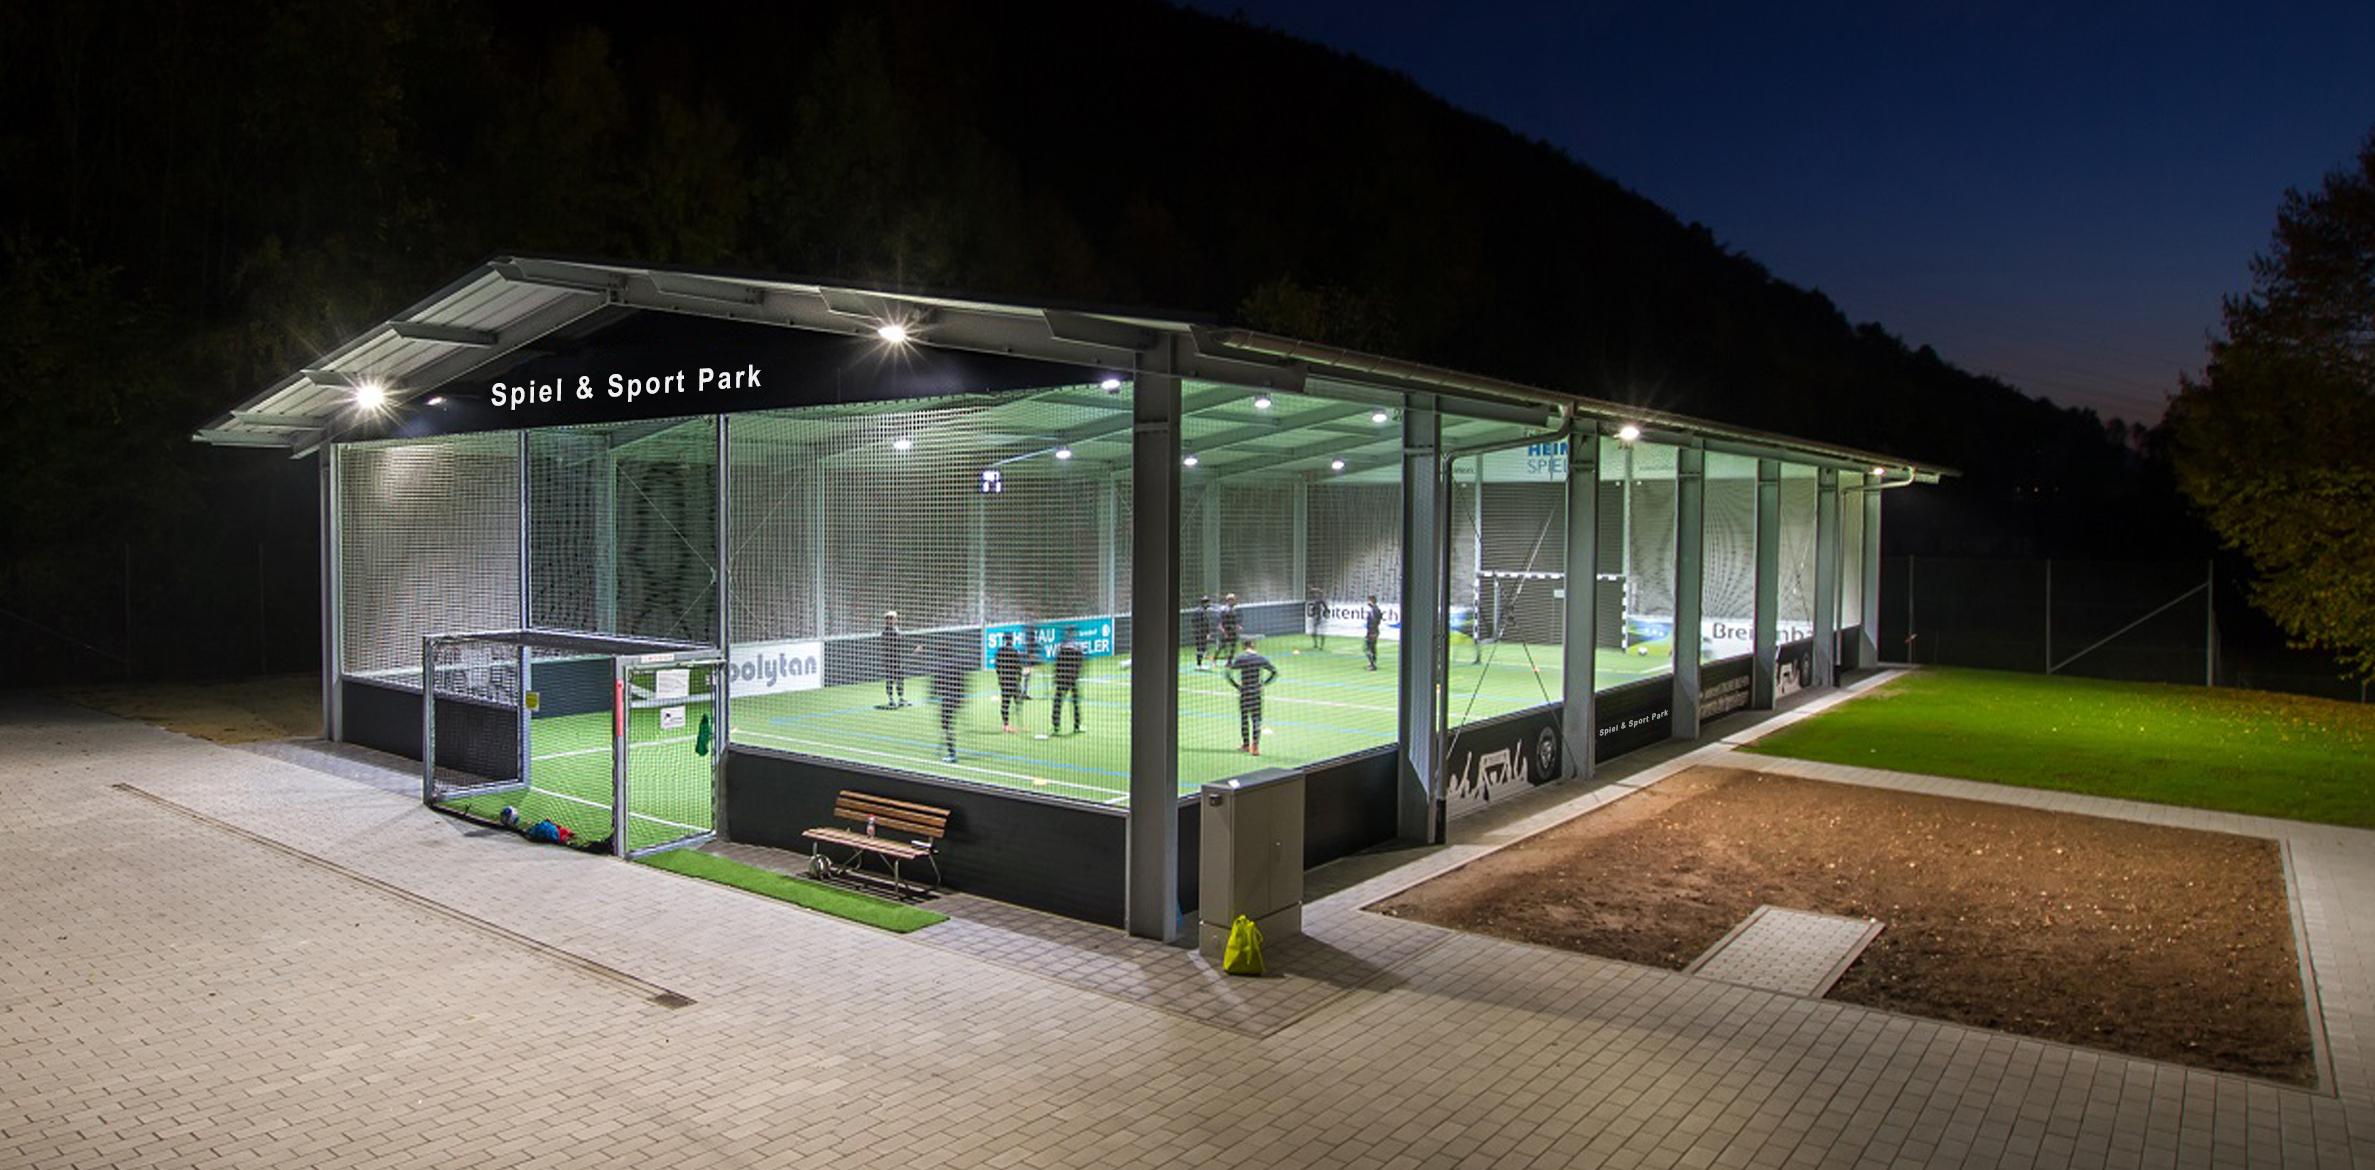 Spiel-Sport-Arena